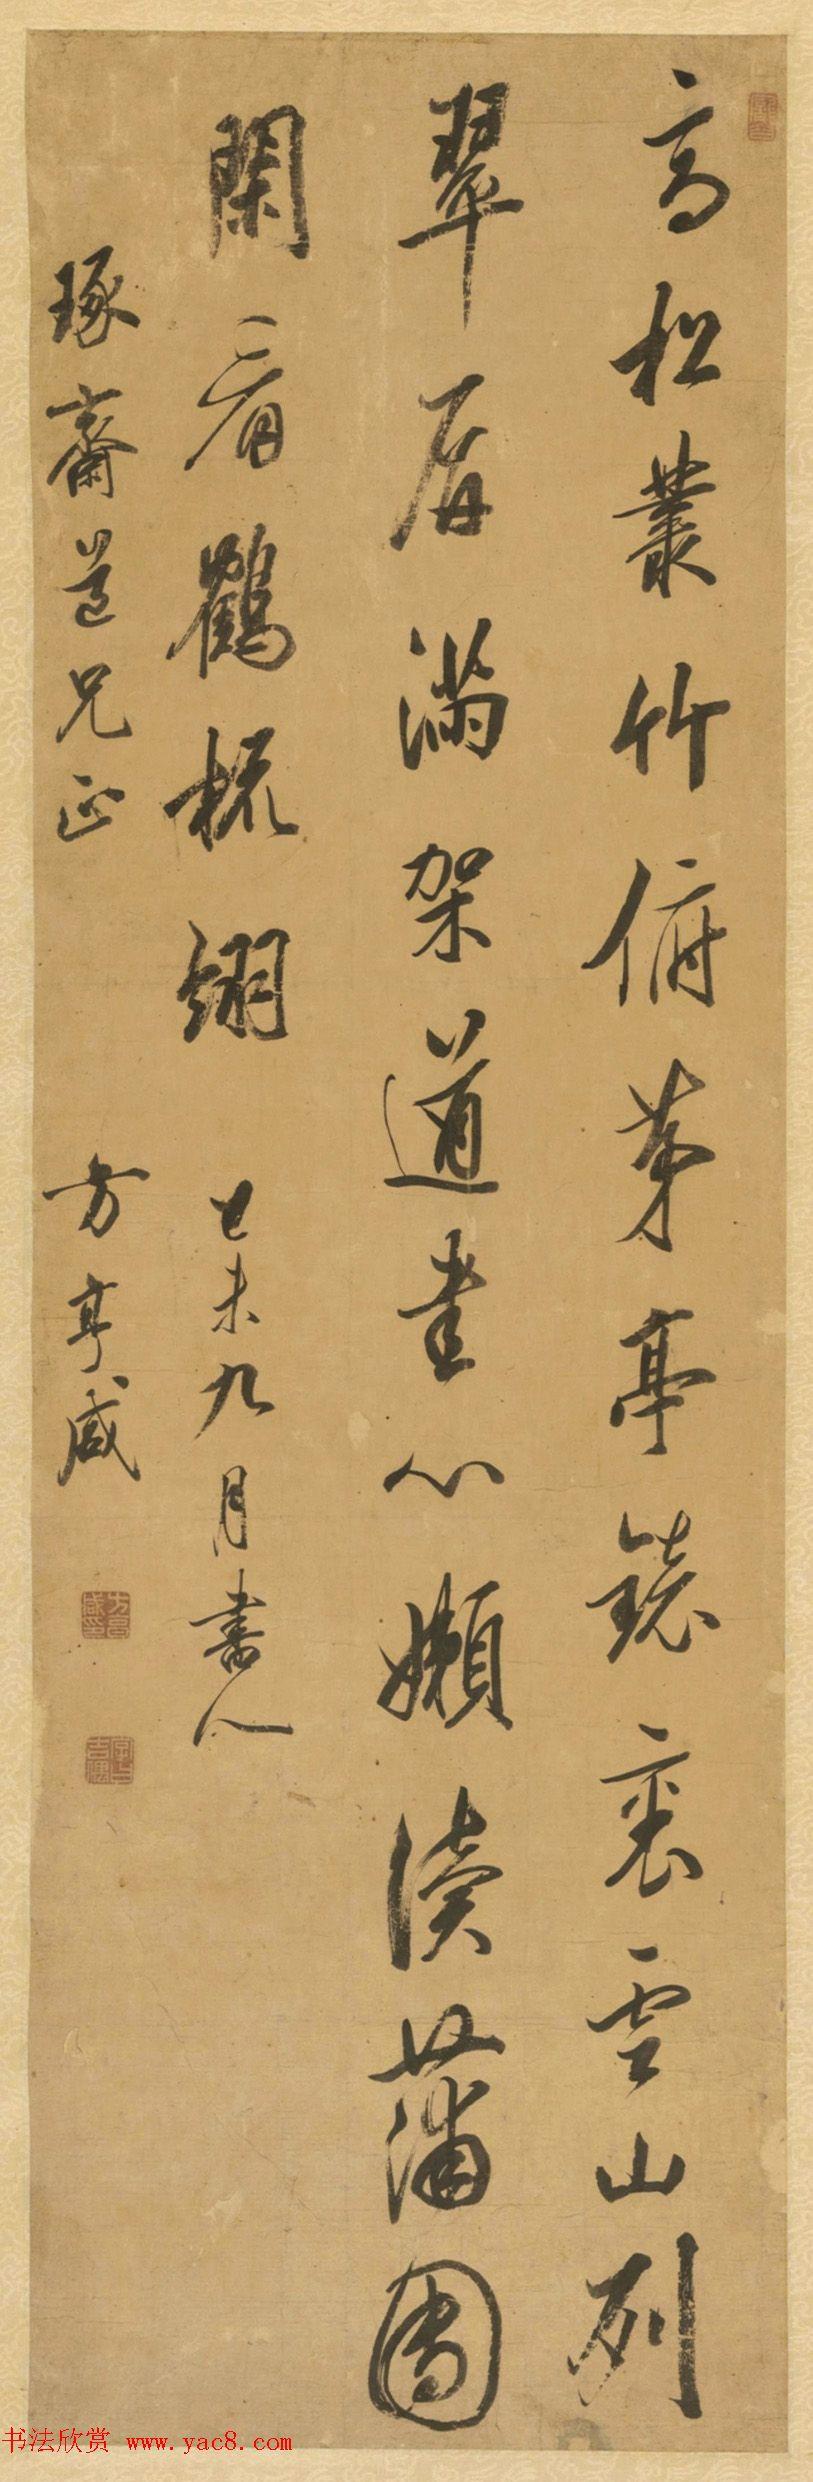 清人6体书法墨迹欣赏